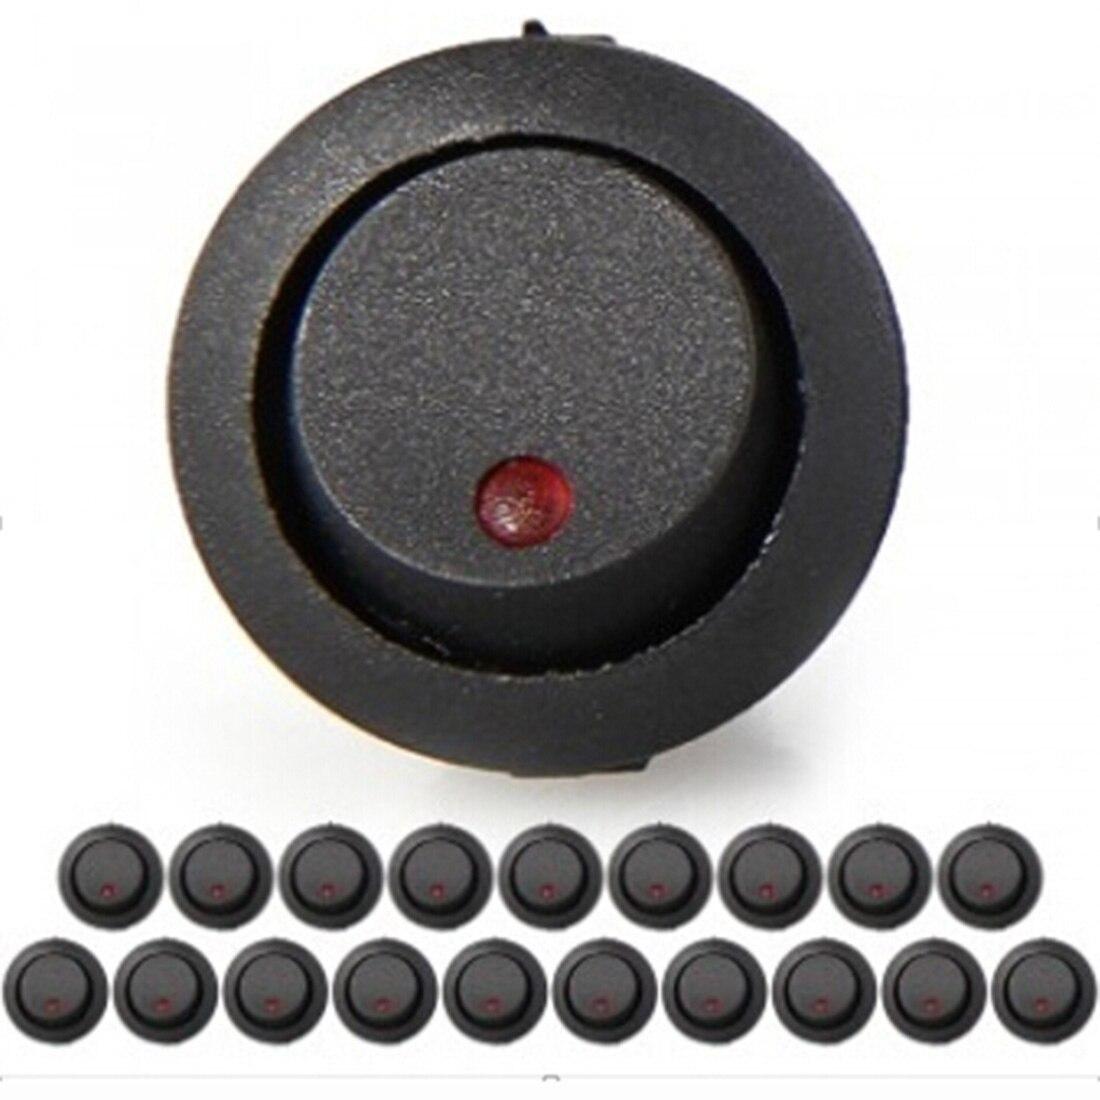 Dewtreetali Высокое качество 20 светодиодный индикатор перекидной переключатель 3 Булавки включения-выключения 12 В DC Красный